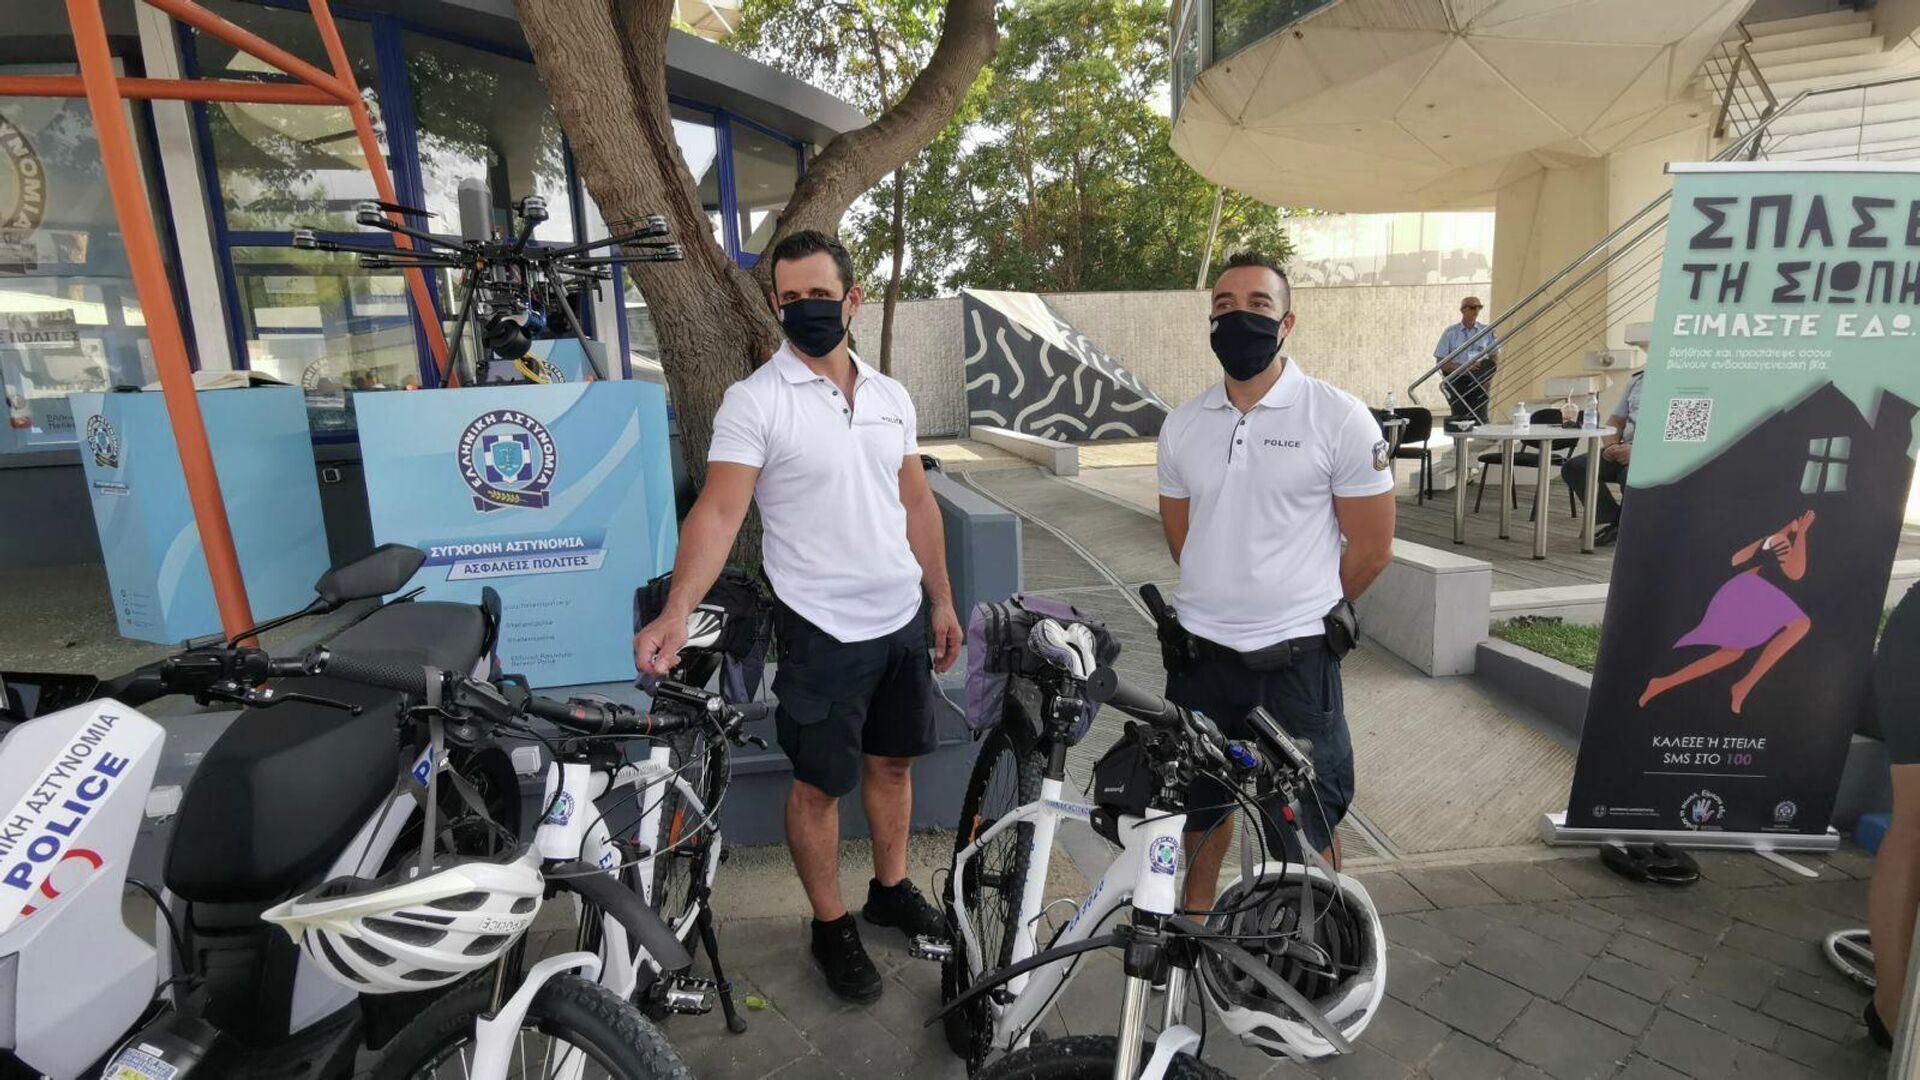 Αστυνόμοι ποδηλάτες στη Θεσσαλονίκη - Sputnik Ελλάδα, 1920, 13.09.2021